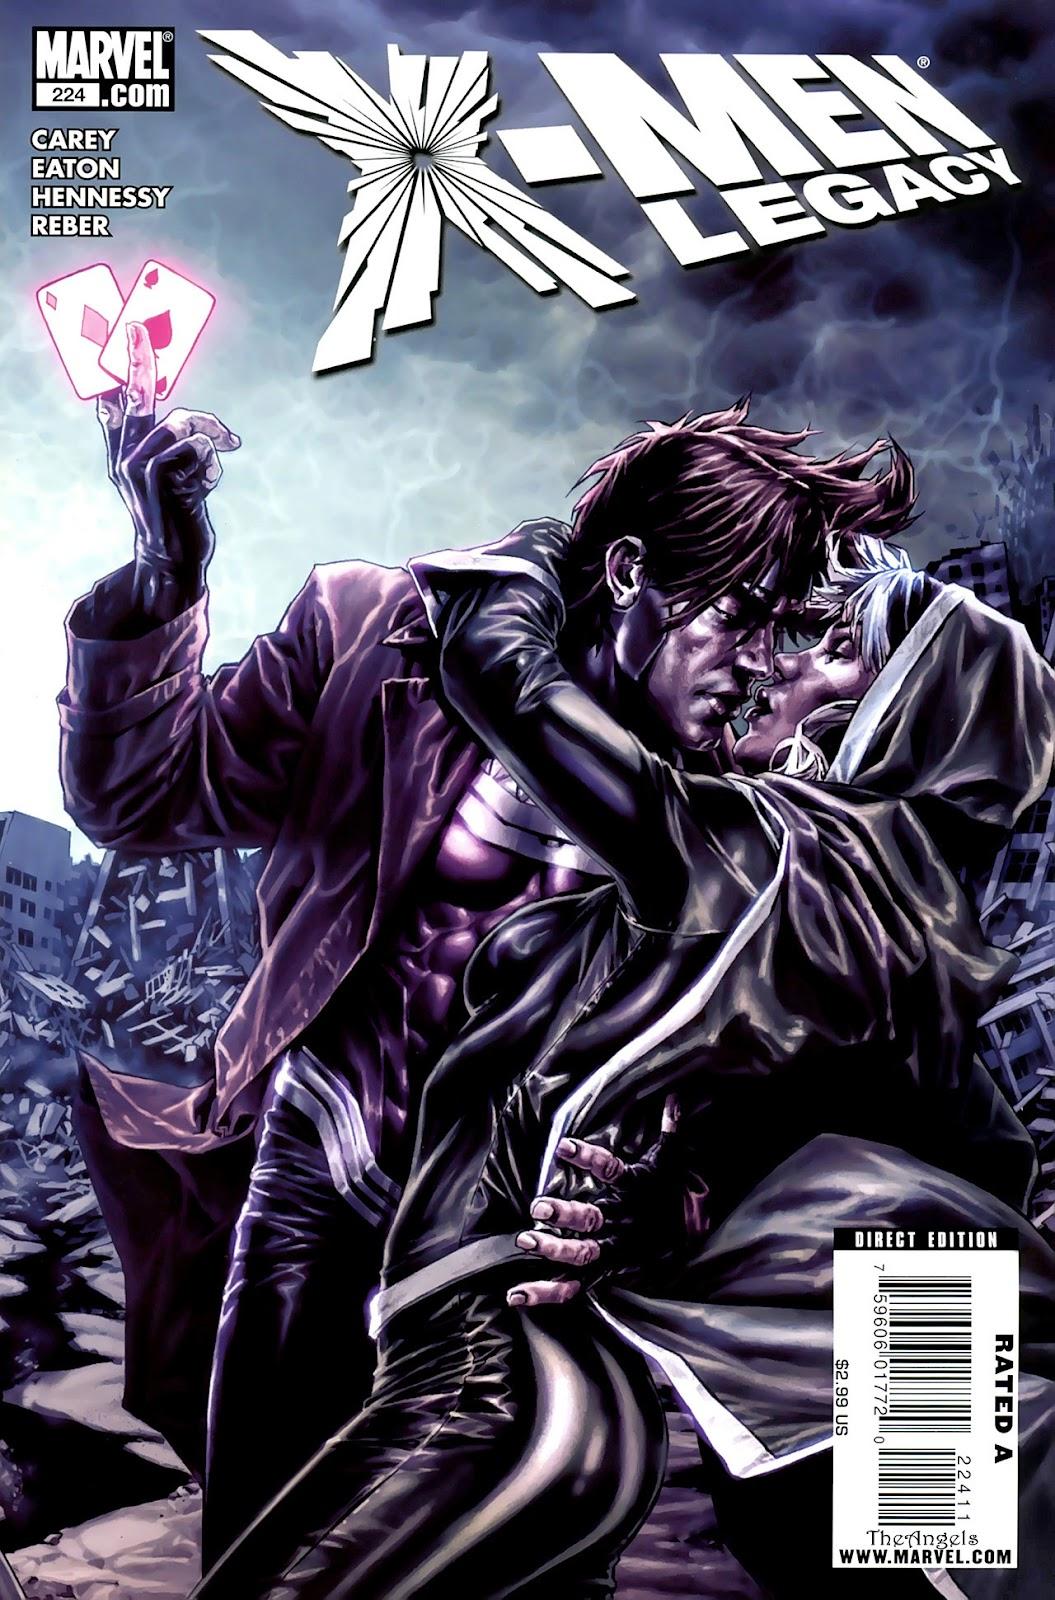 X-Men Legacy (2008) 224 Page 1